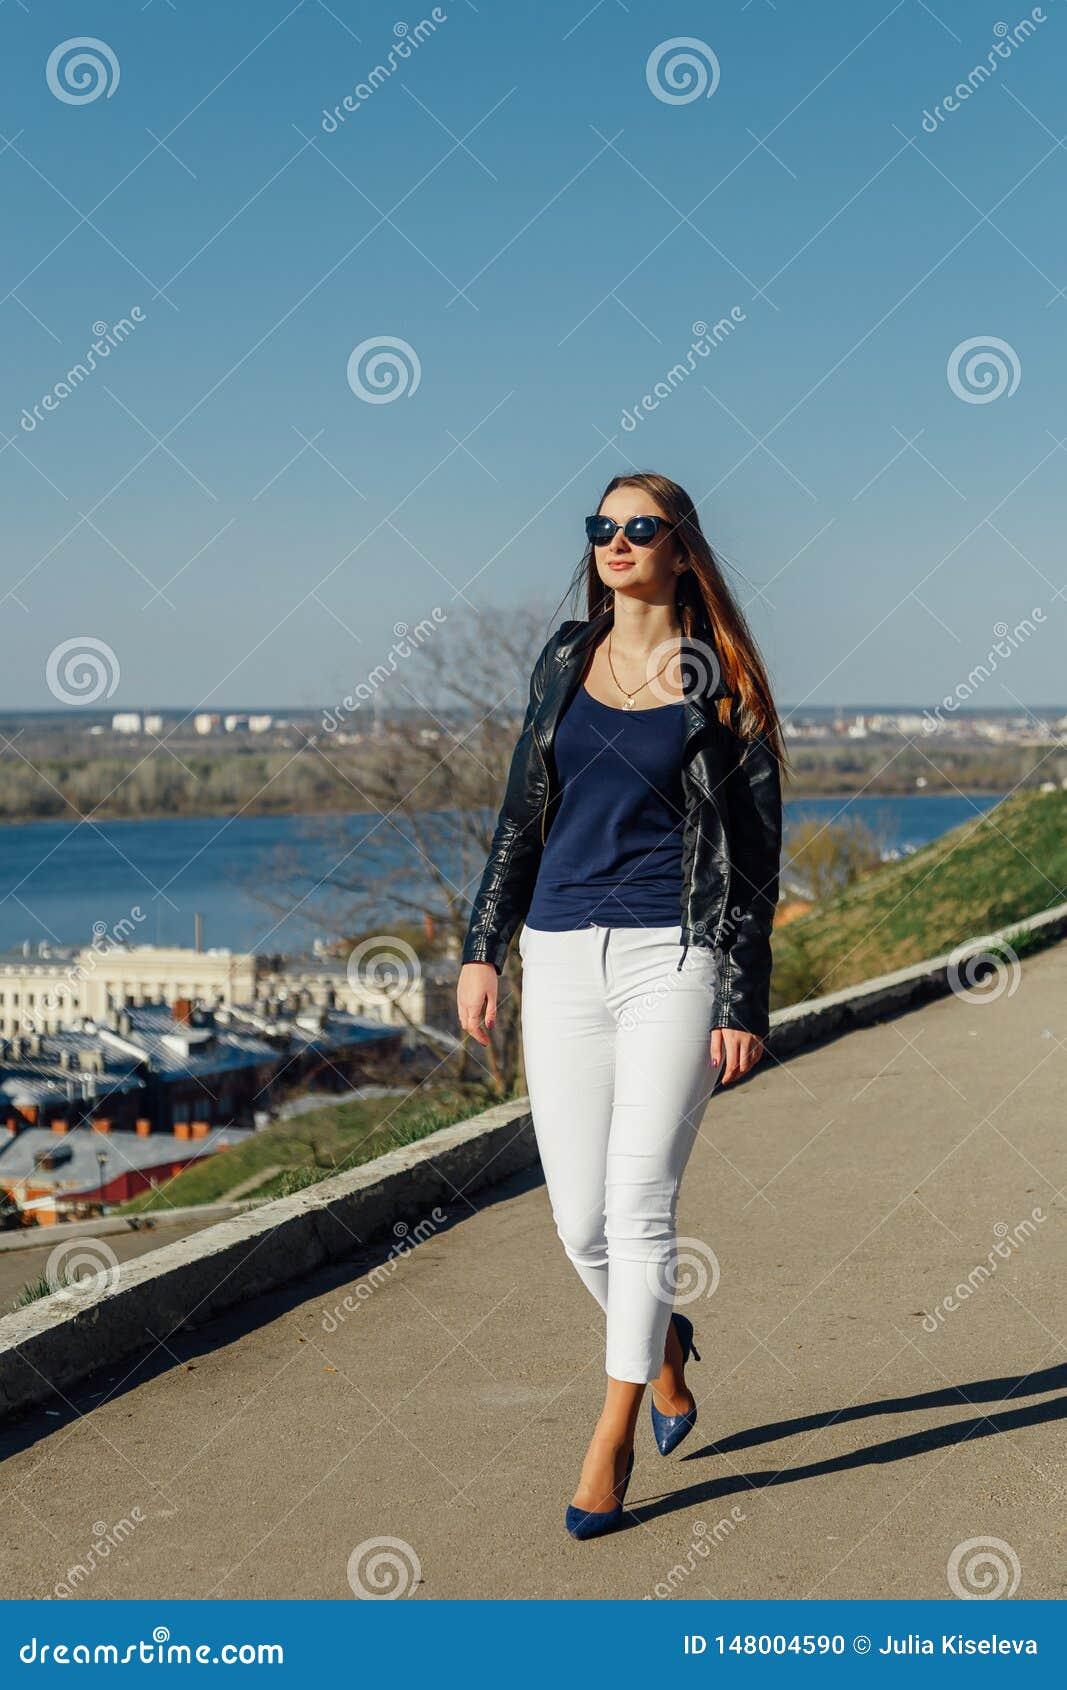 Portr?t eines stilvollen dunkelhaarigen M?dchens in der Sonnenbrille, ist sie in einer Lederjacke